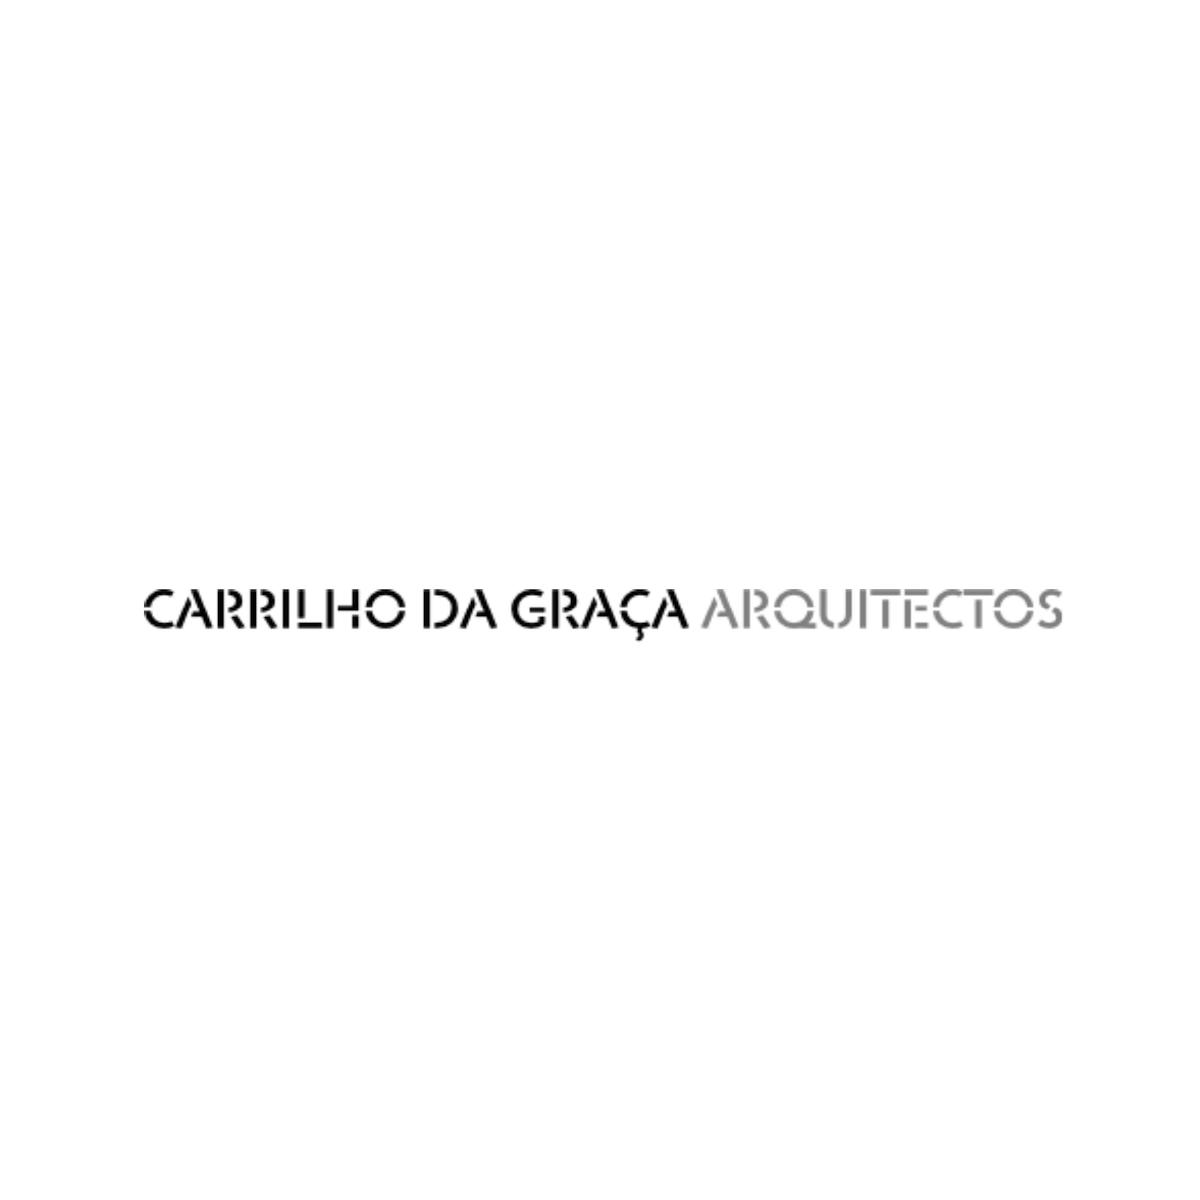 Carrilho da Graça Arquitectos